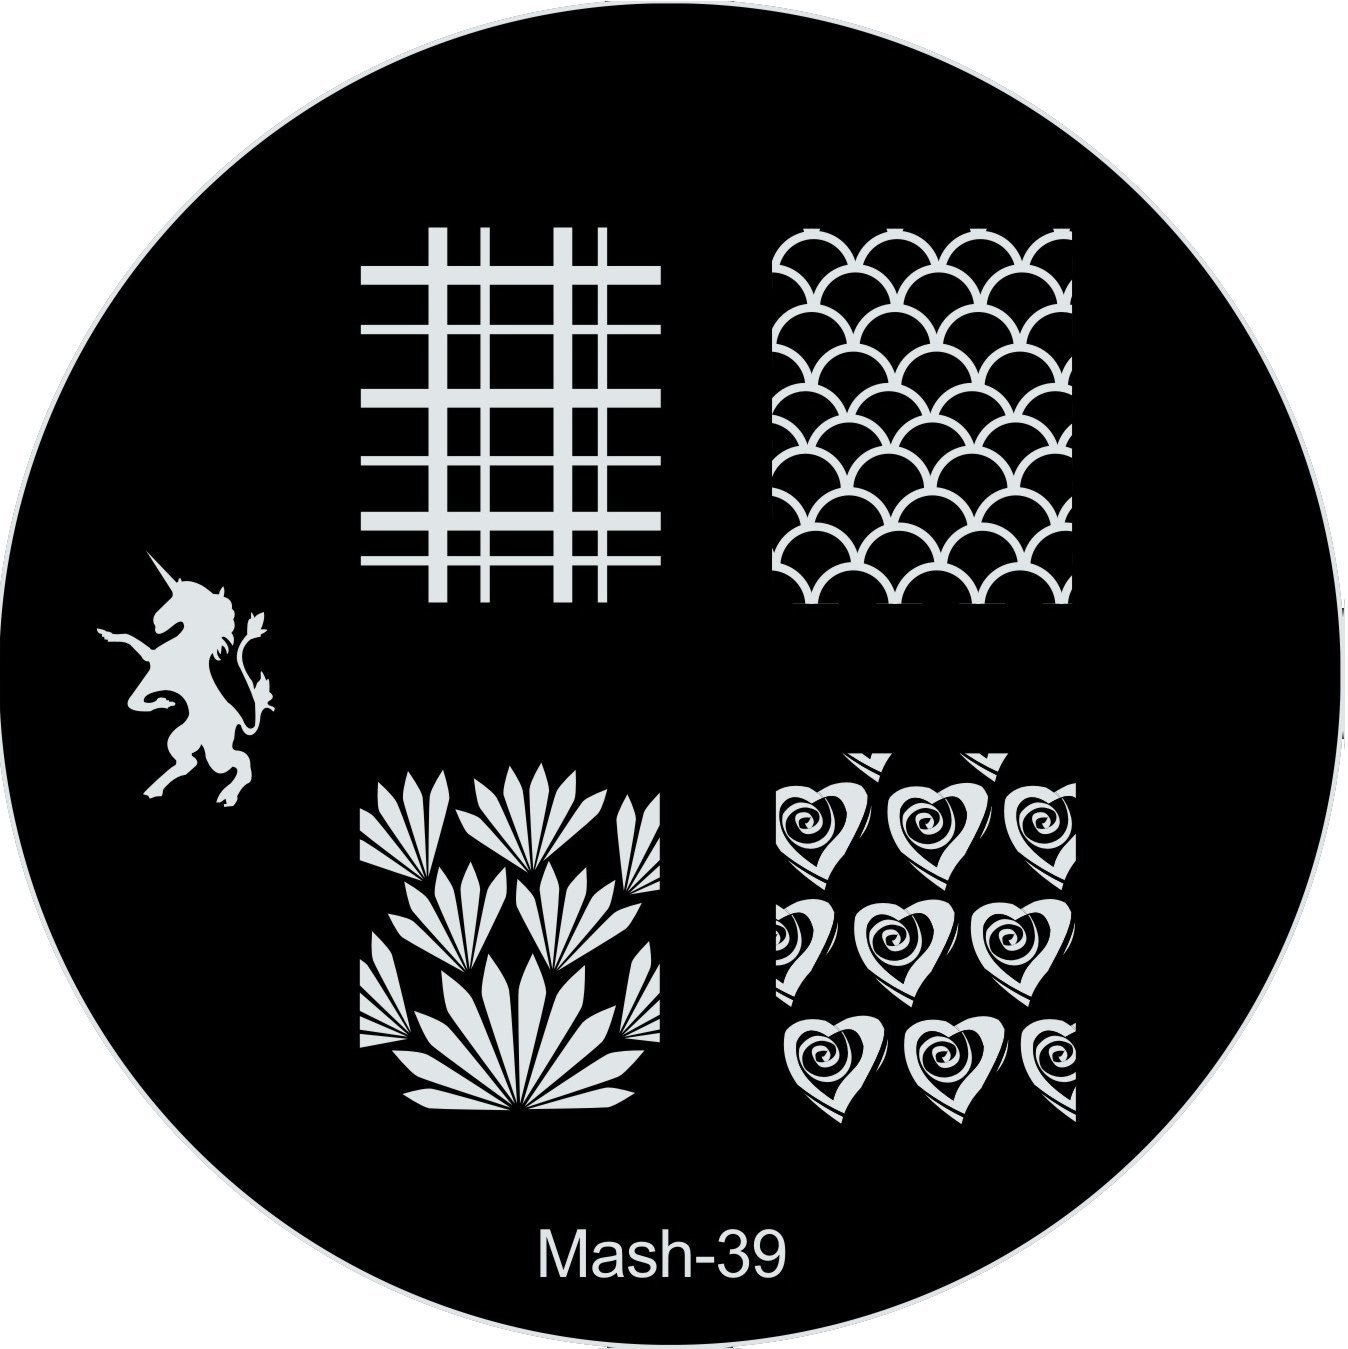 Amazon.com : MASH Nail Art Stamp Stamping Image Plate No 39 : Nail ...